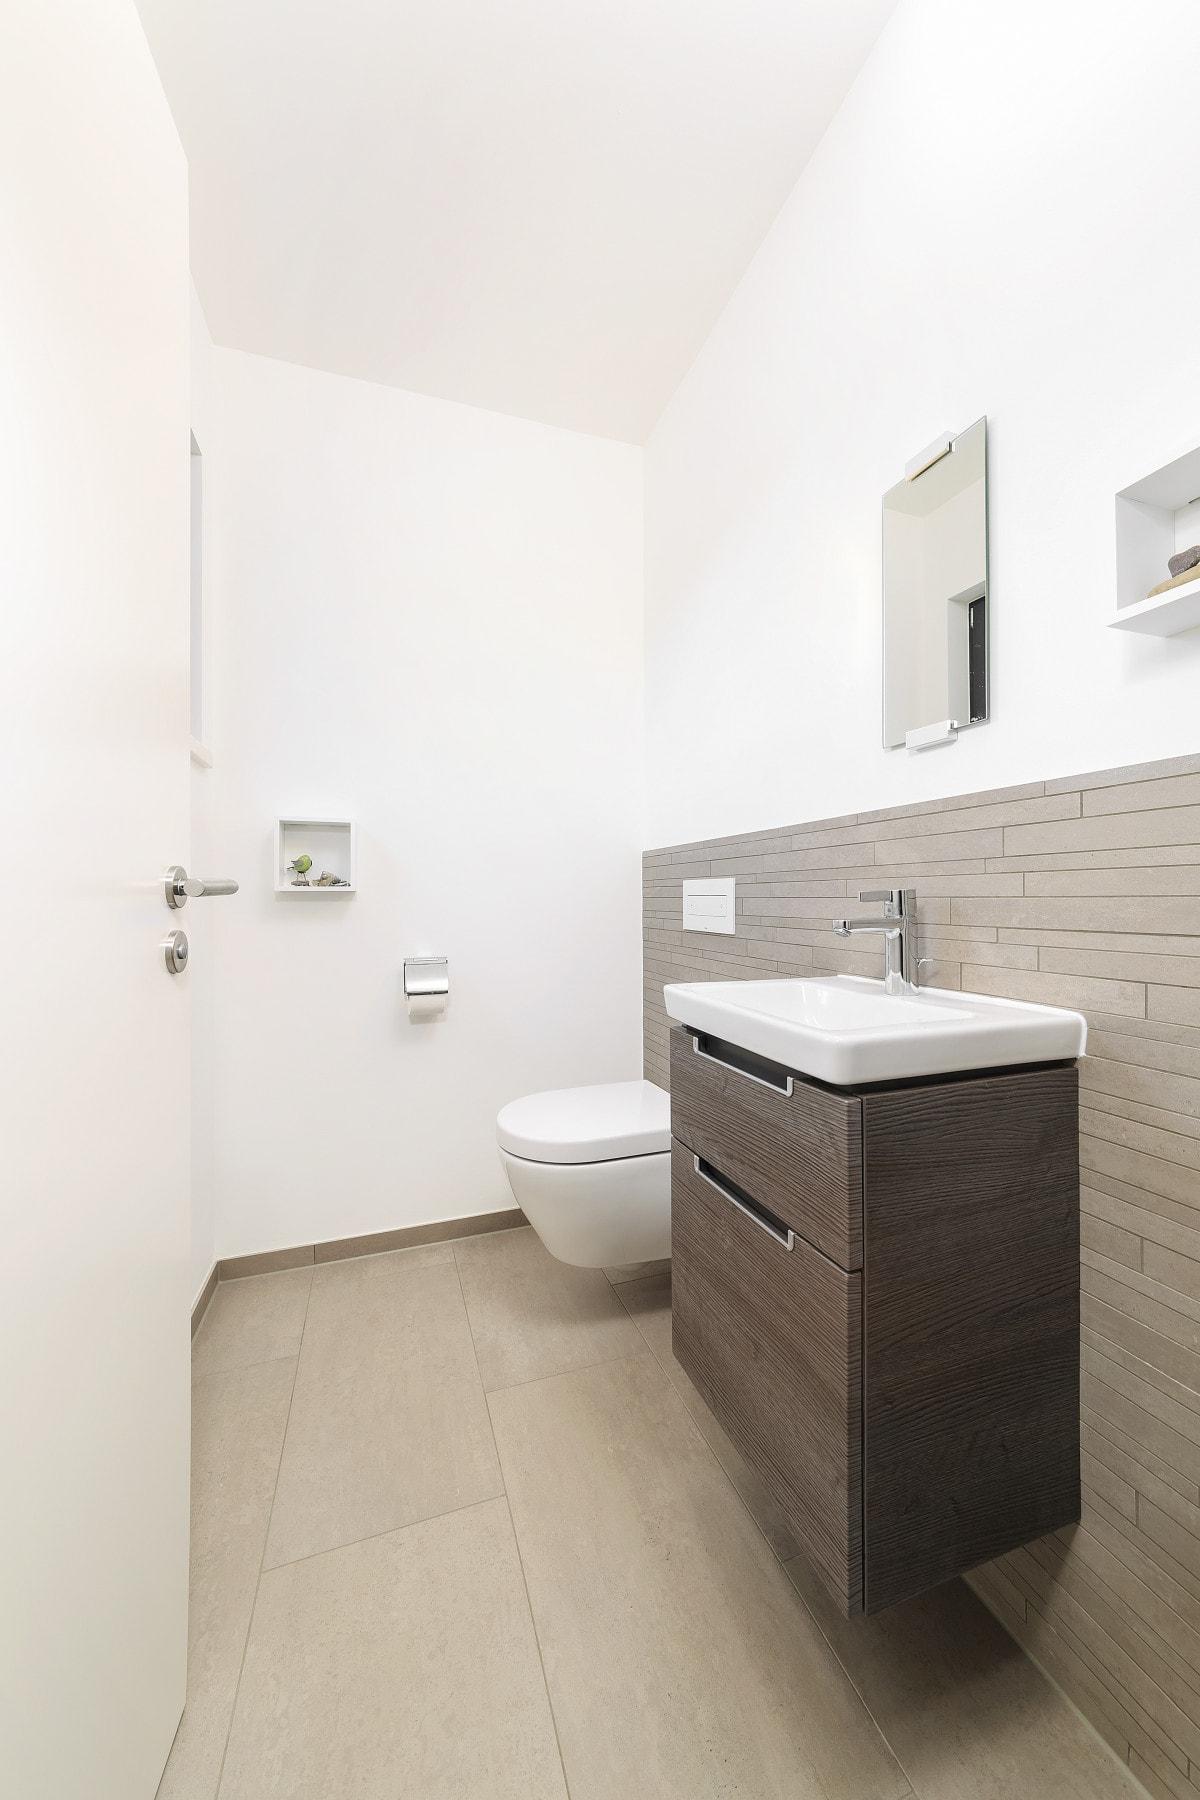 Gäste-WC - Inneneinrichtung Haus Design Ideen innen Fertighaus Ökohaus Schneider / Baufritz - HausbauDirekt.de